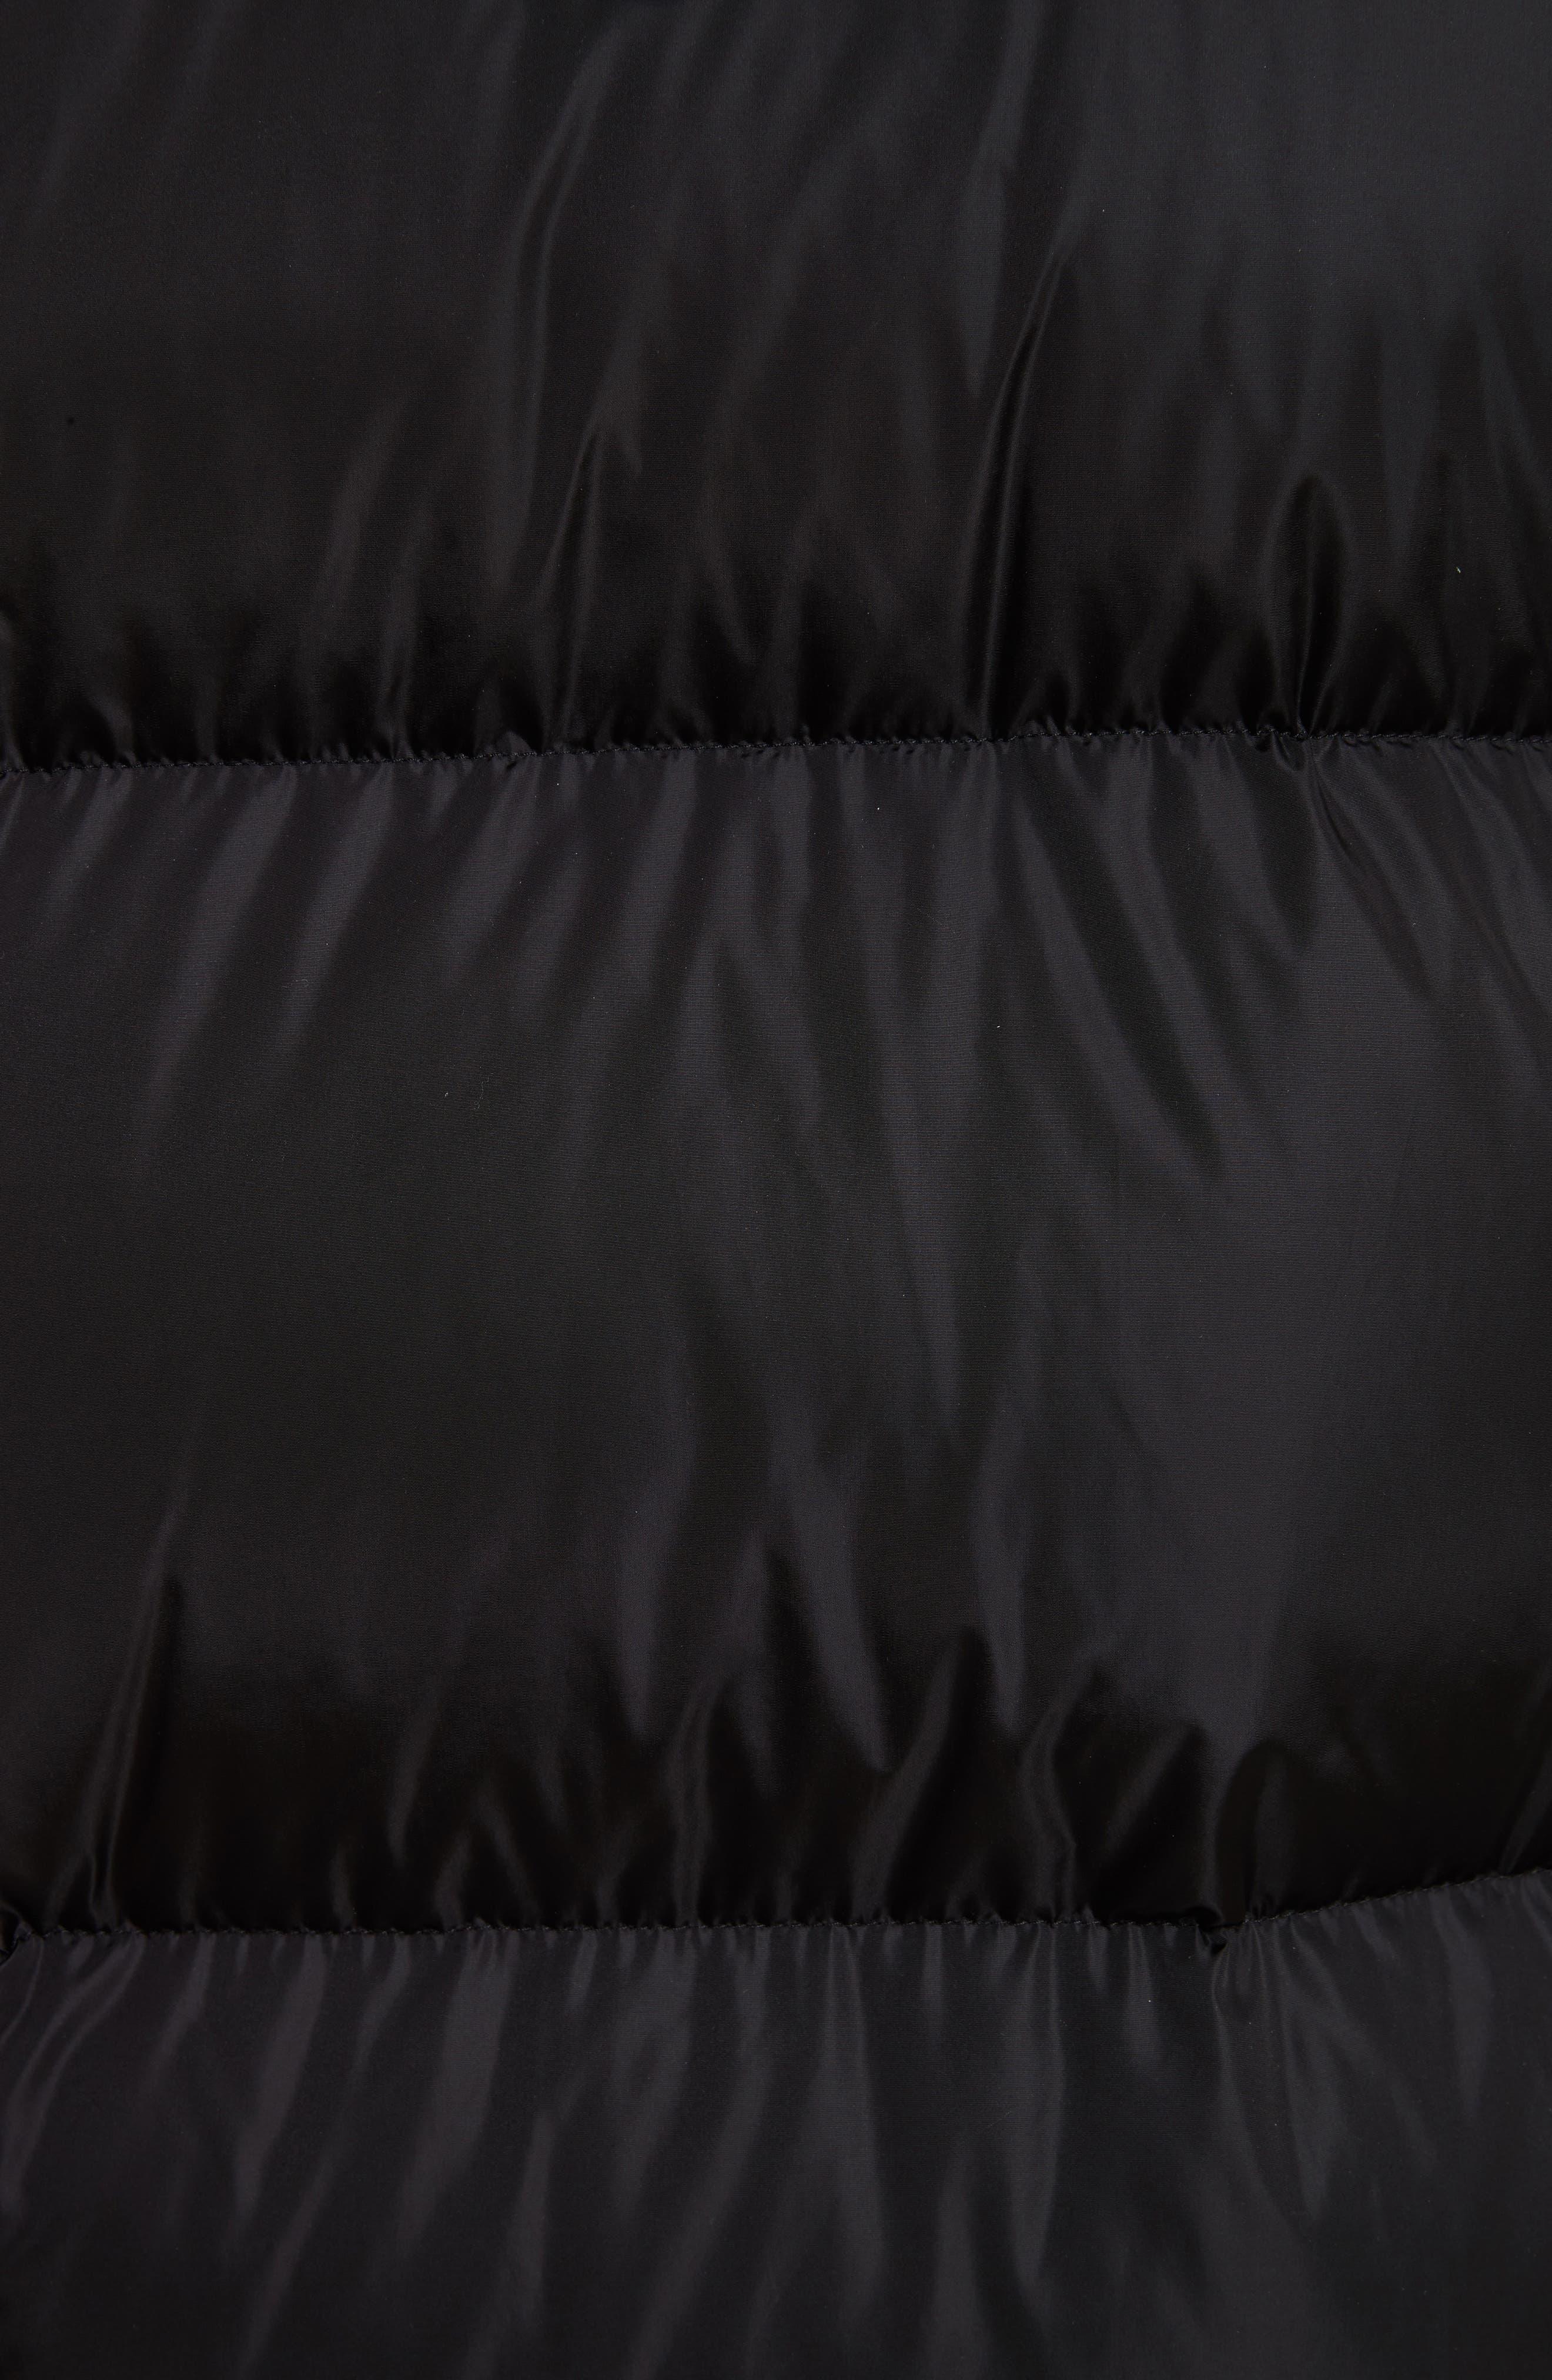 Aurelien Down Parka with Genuine Fur Trim,                             Alternate thumbnail 6, color,                             001